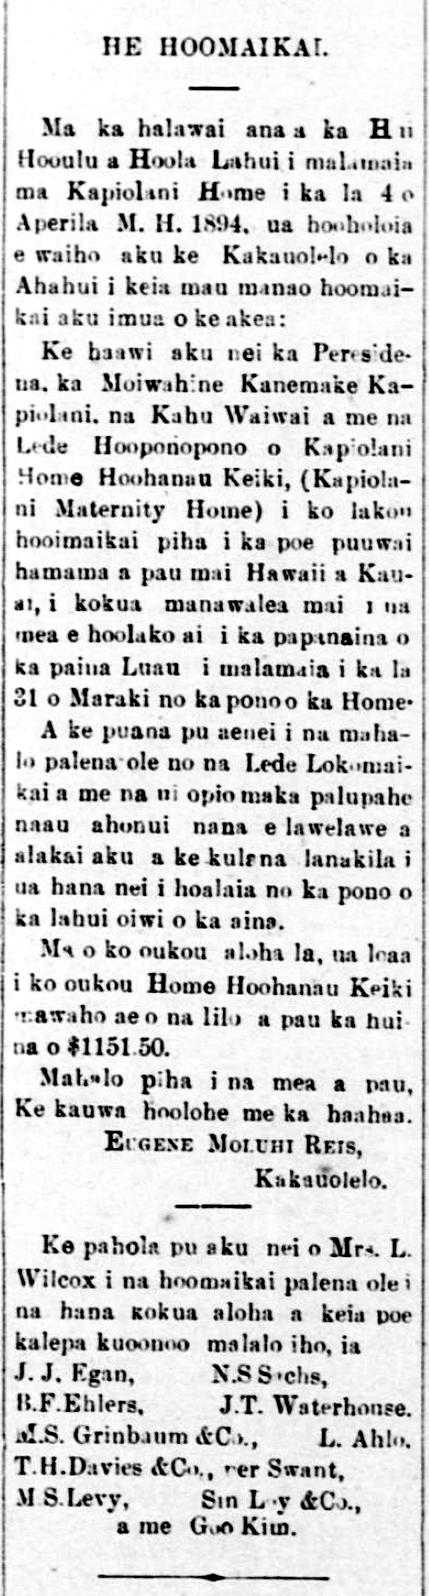 HawaiiHolomua_4_7_1894_3.png